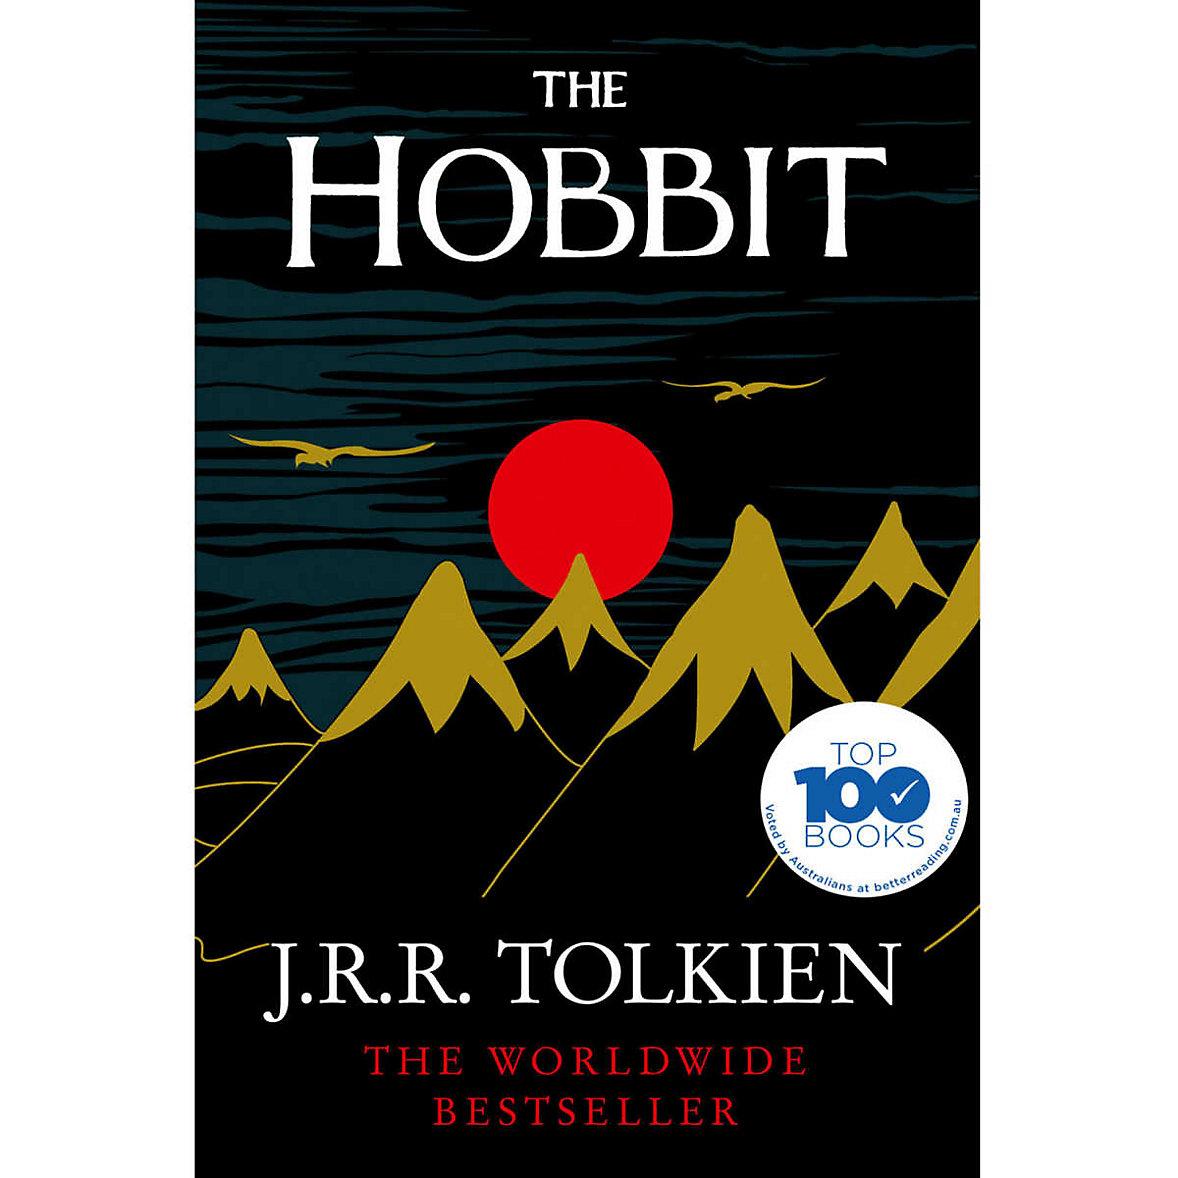 The Hobbit - J.R.R. Tolkein